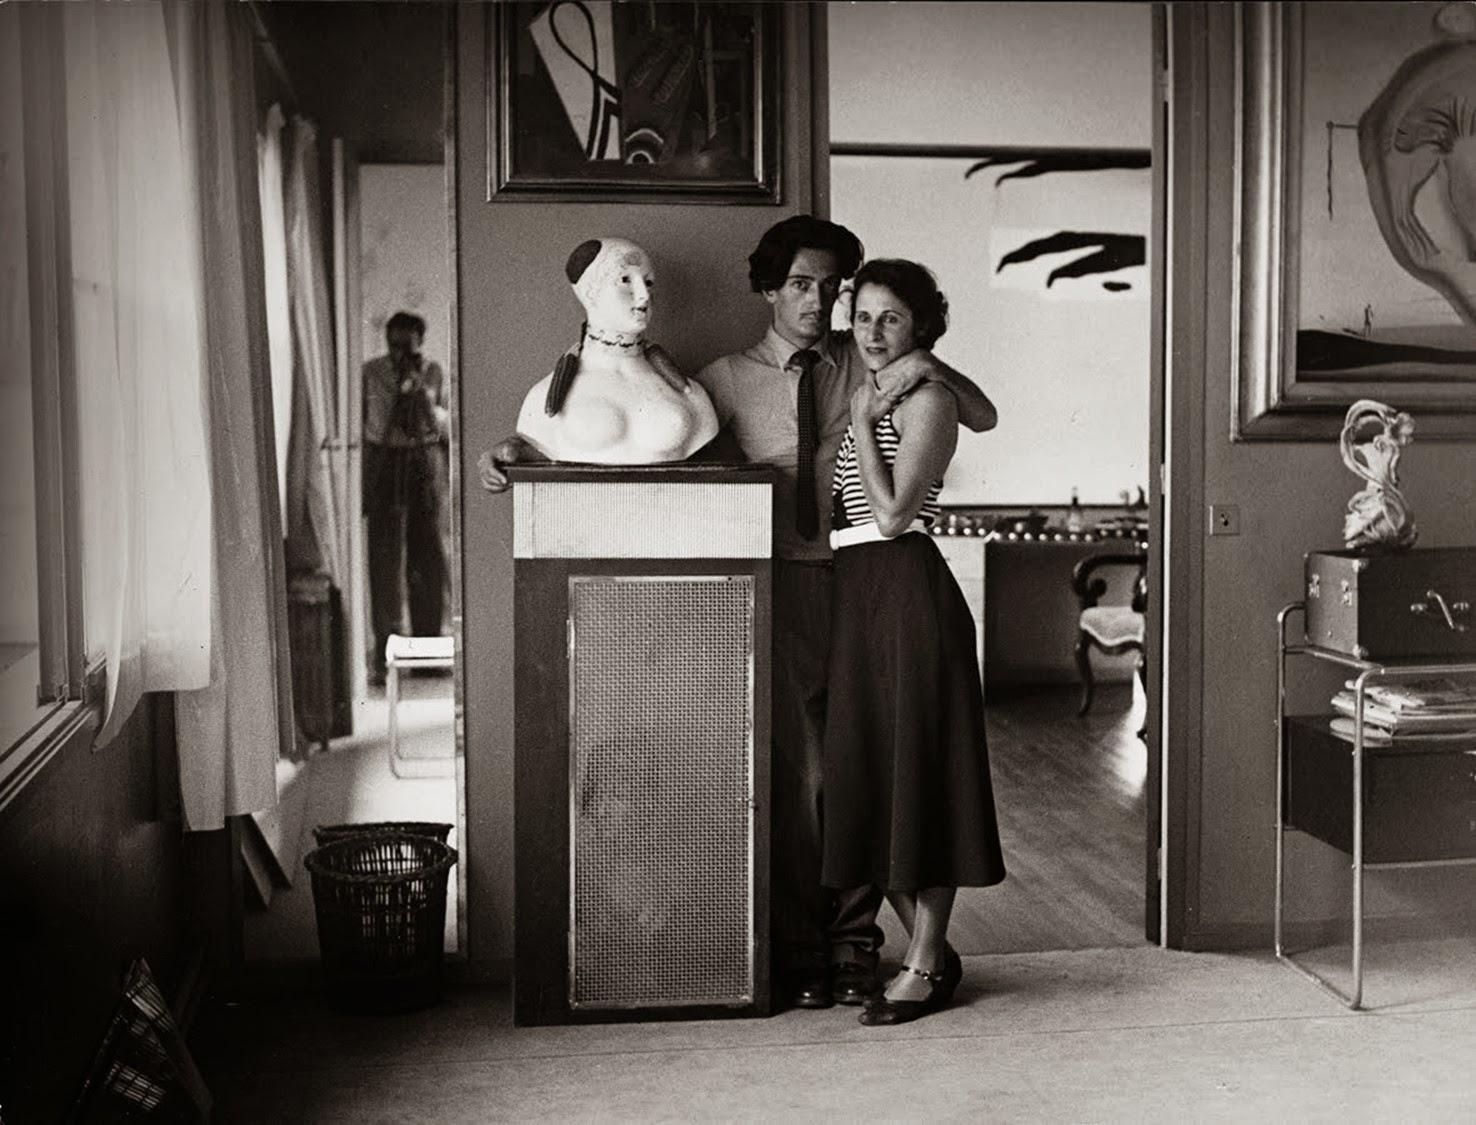 Brassaï, ritratto di Dali e Gala